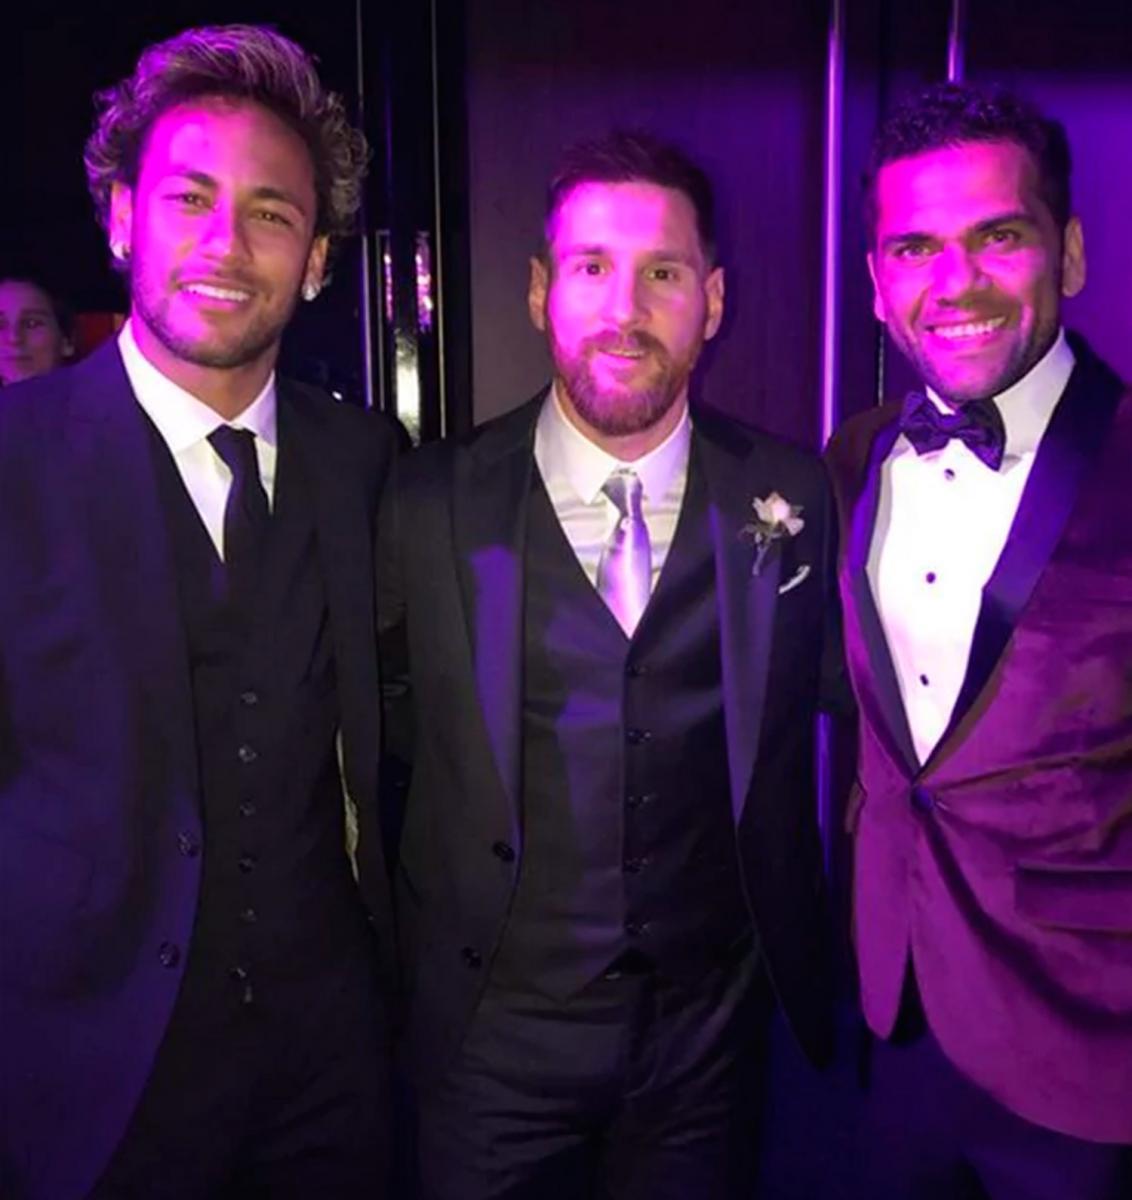 Desde adentro: mirá las fotos que sacaron los invitados del casamiento de Messi